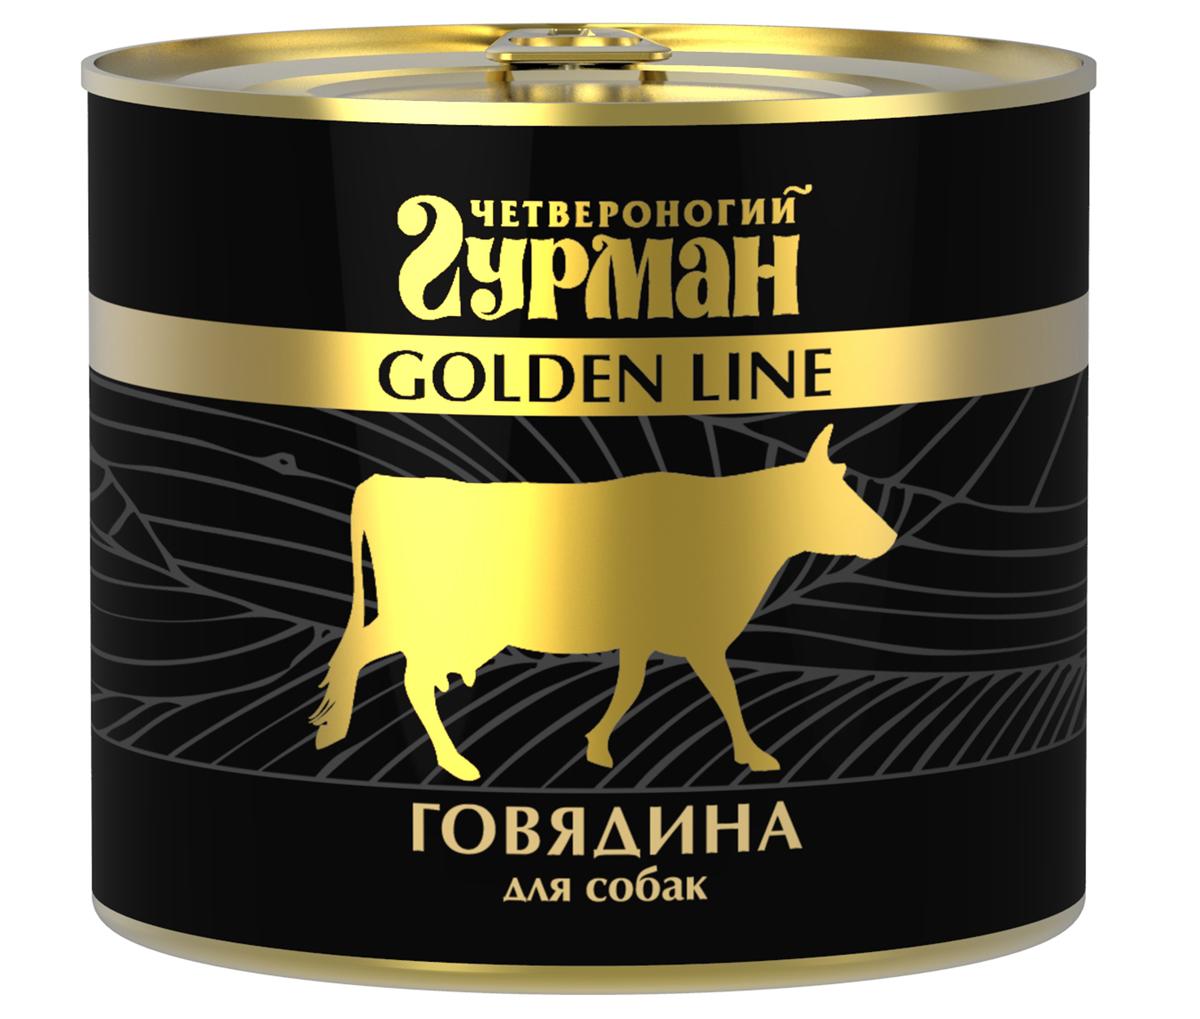 Консервы для собак Четвероногий гурман Golden Line, говядина натуральная в желе, 500 г napapijri синяя хлопковая футболка с логотипом